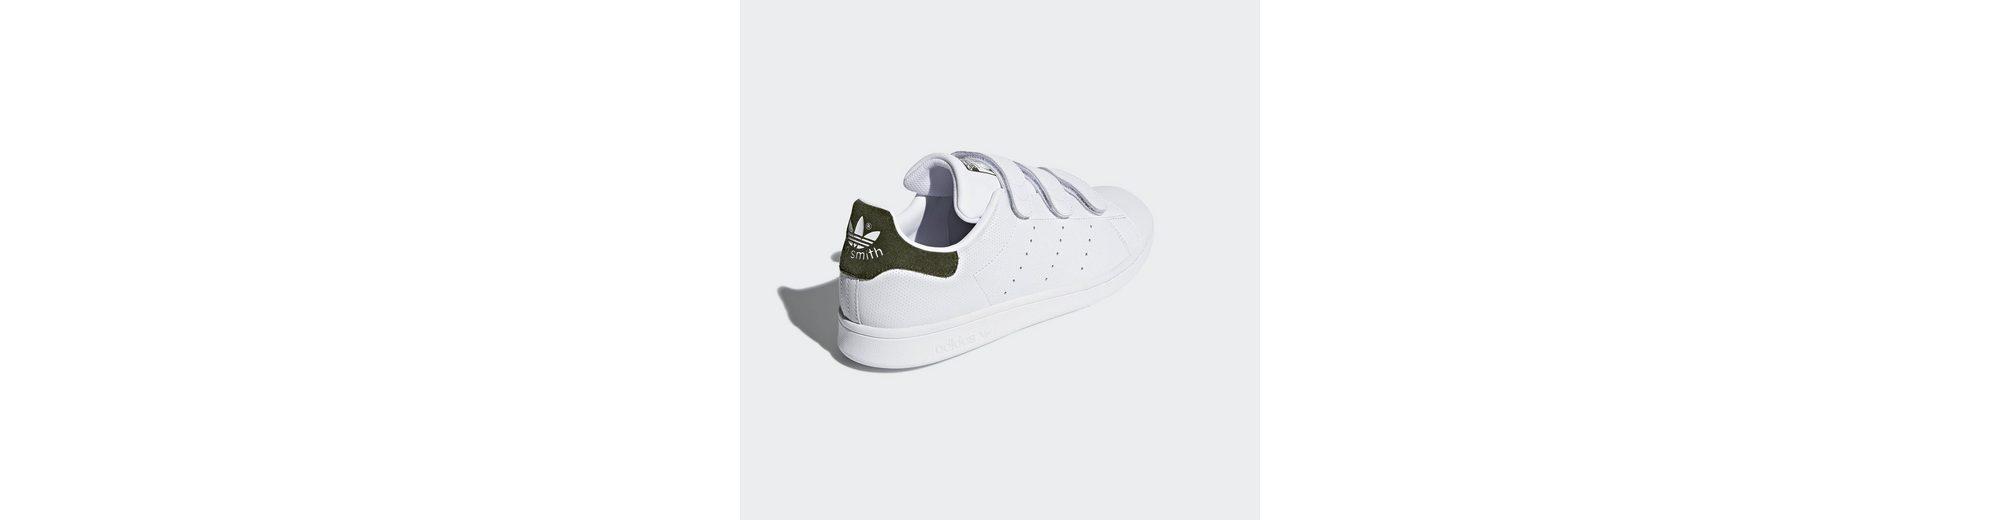 adidas Originals Stan Smith Schuh Sneaker Freies Verschiffen Schnelle Lieferung Freies Verschiffen Beliebt Online-Shop Aus Deutschland Schlussverkauf bIH6Dhj